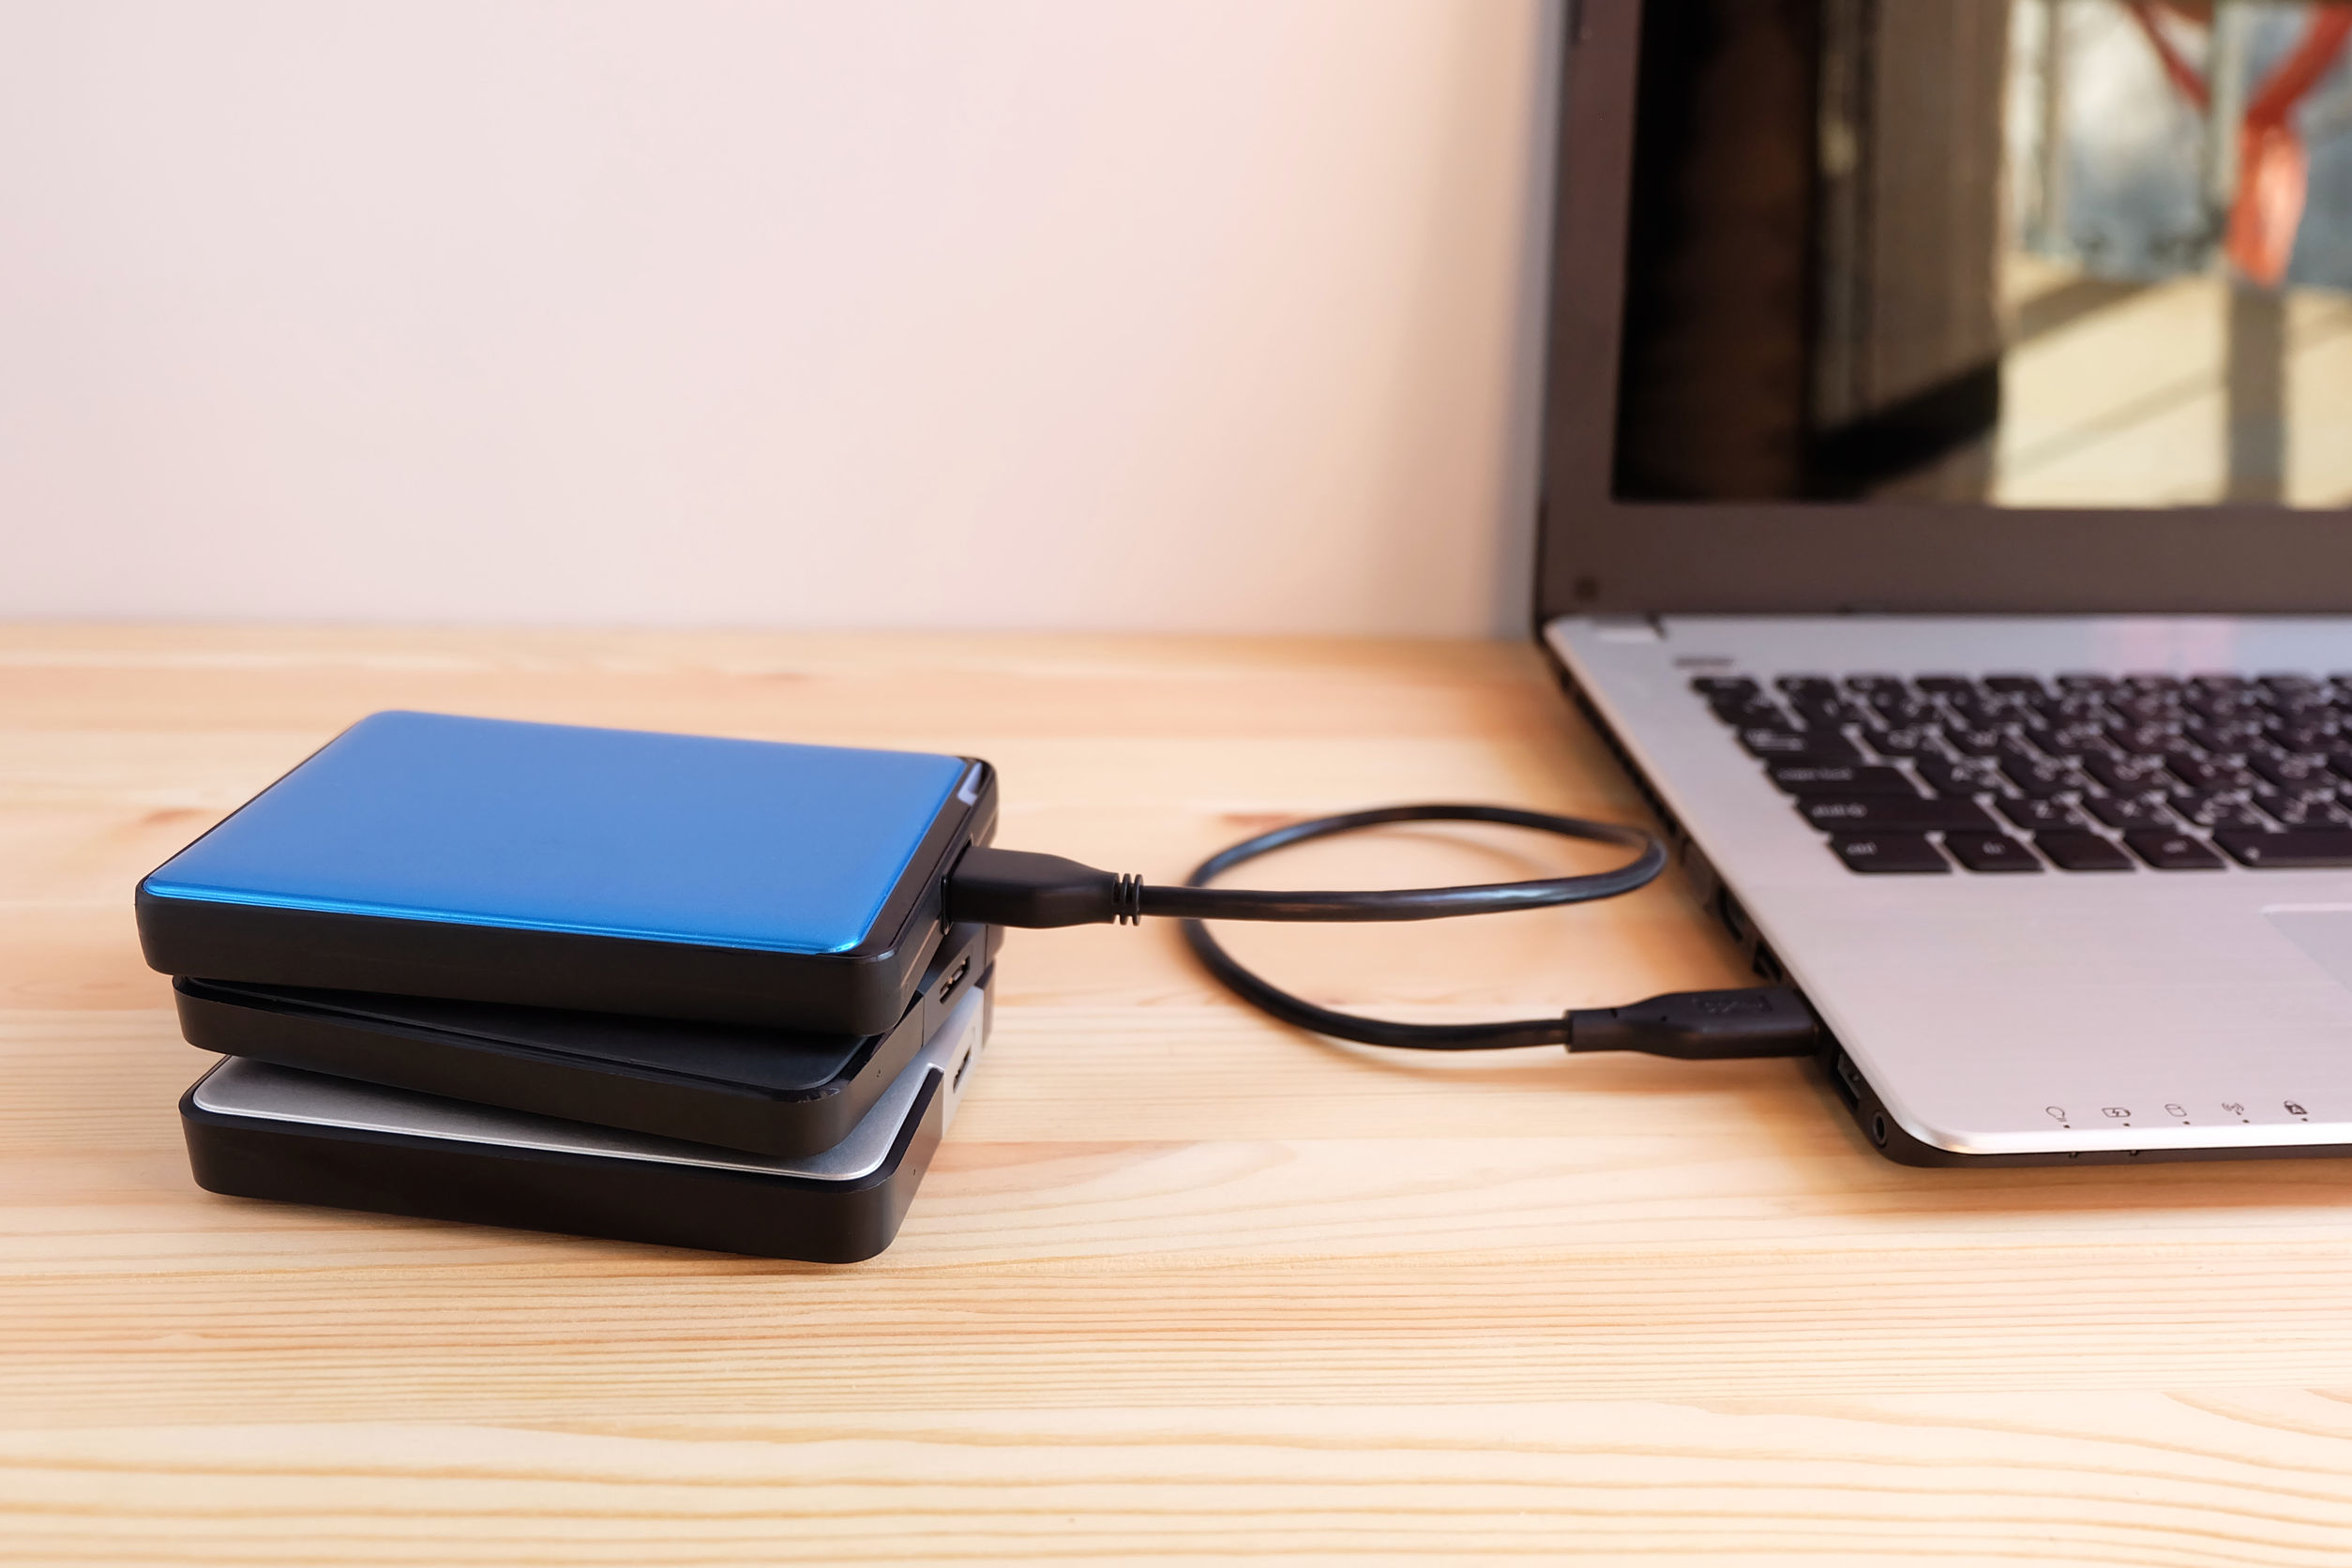 Disco duro conectado a laptop